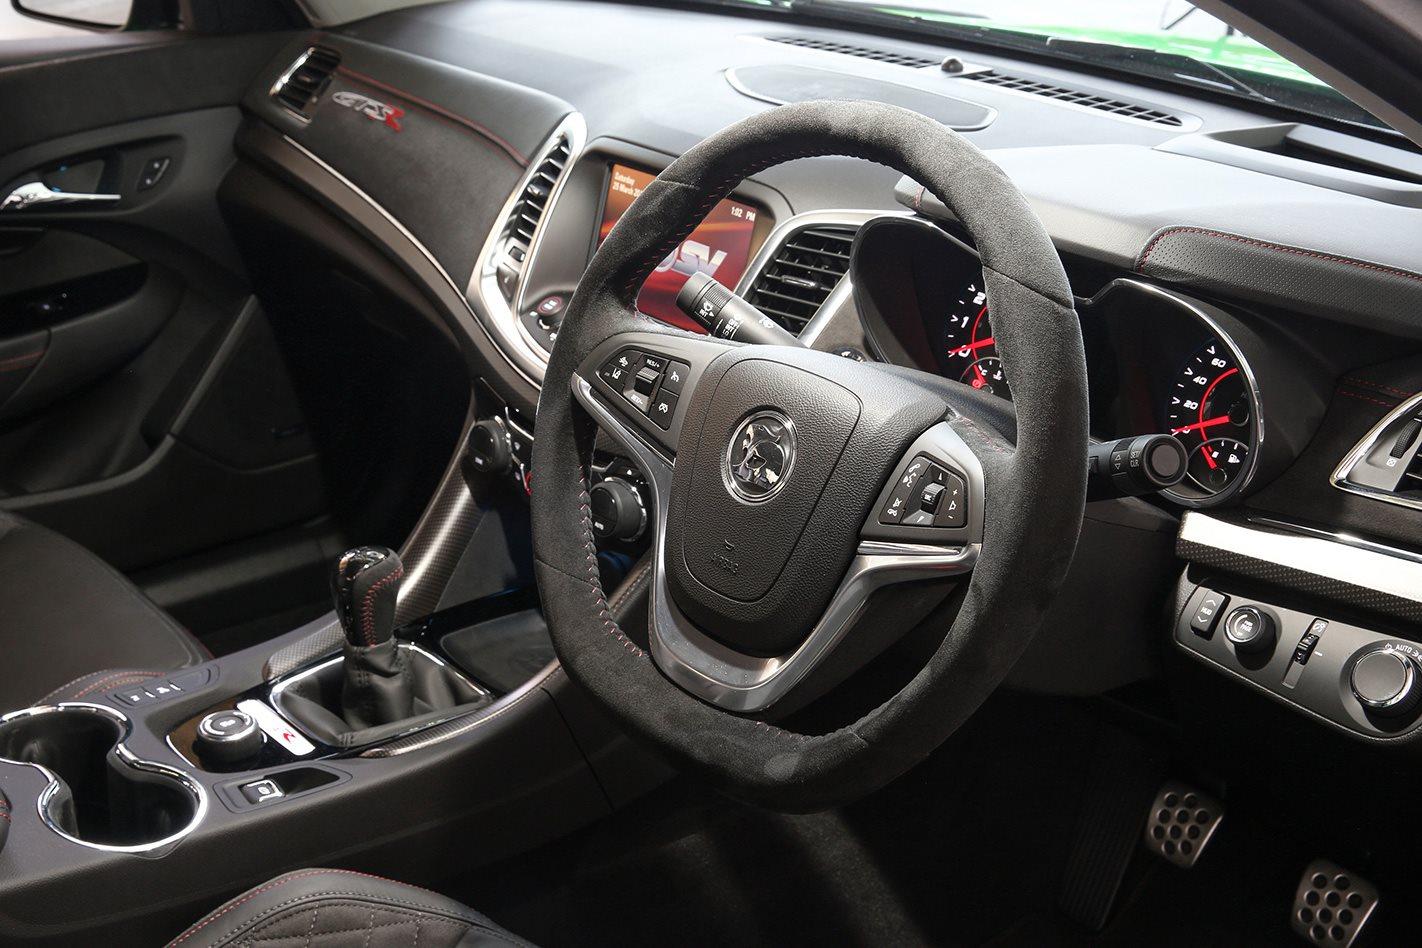 2017 HSV Gen F2 GTSR interior